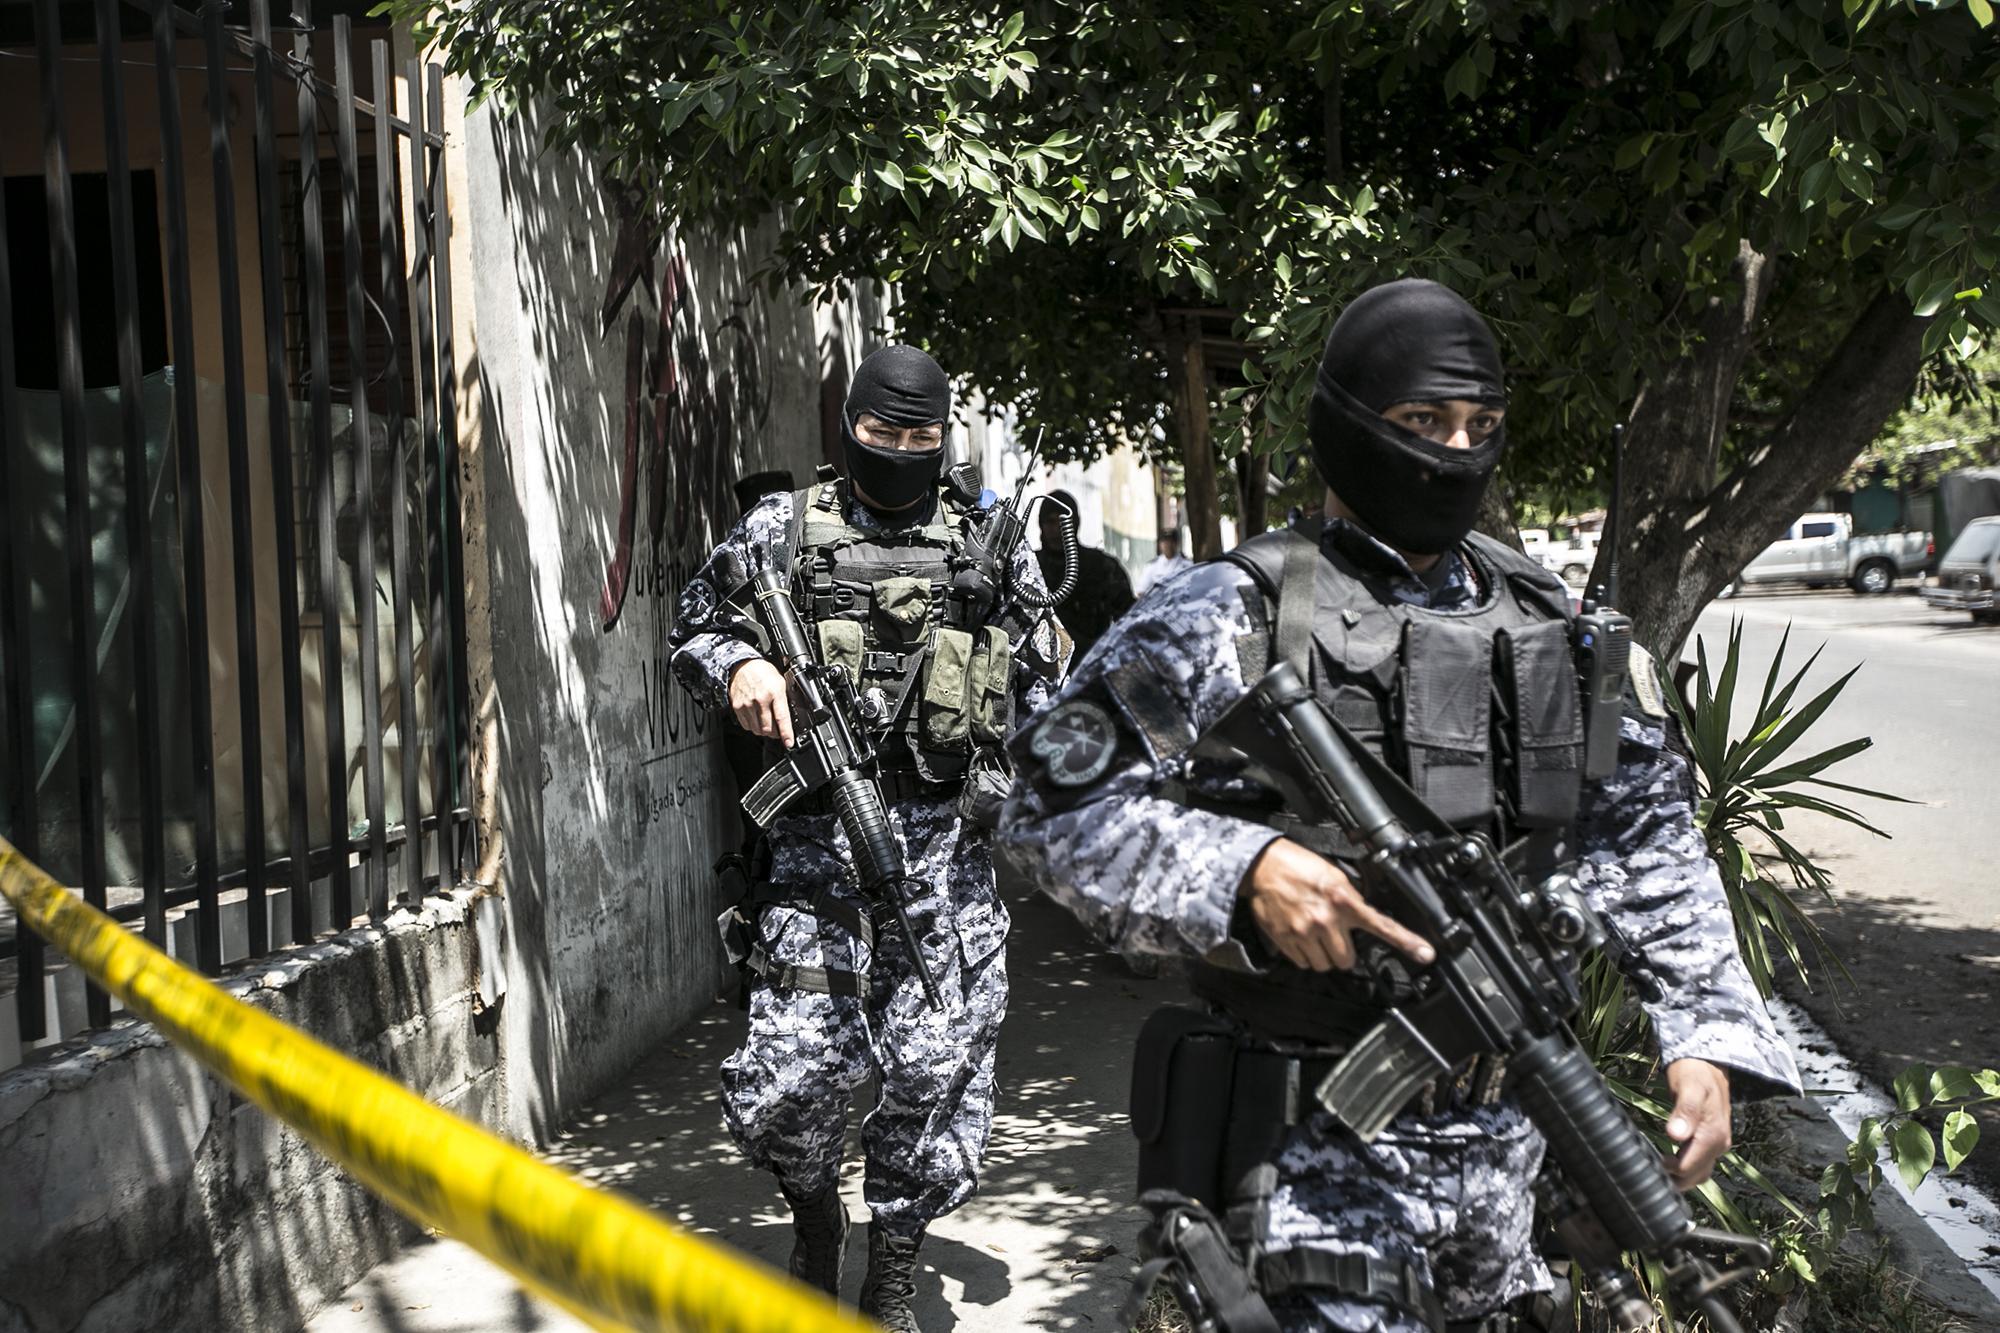 Policías del GRP realizan un operativo en el municipio de Quezaltepeque tras el asesinato de un agente de la PNC. 3 de marzo de 2016. Foto: Fred Ramos